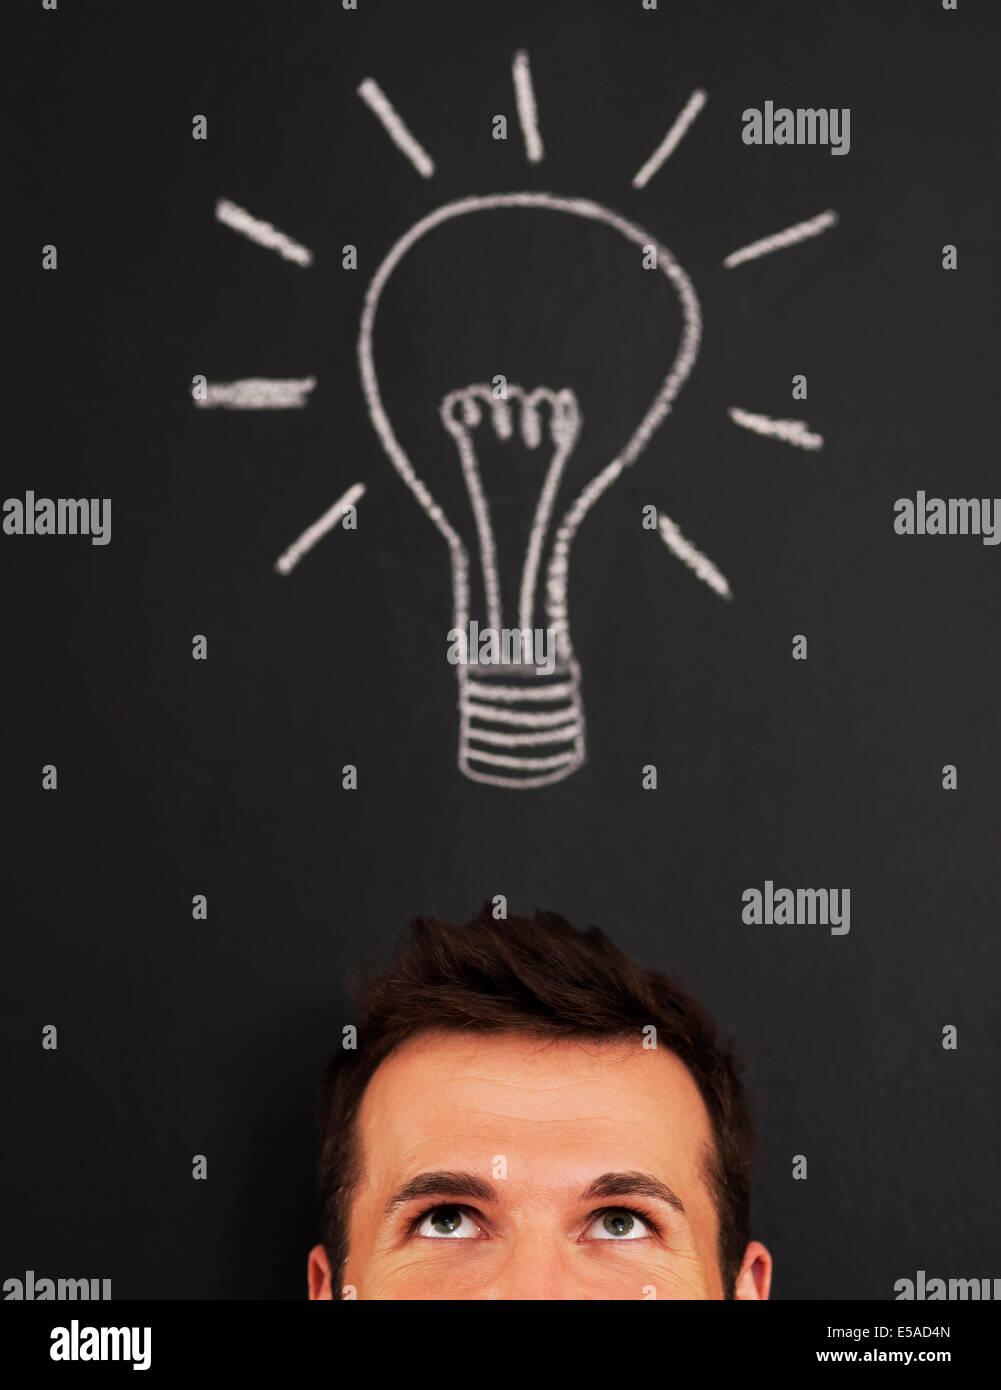 Uomo con lampadina sopra la sua testa, Debica, Polonia Immagini Stock